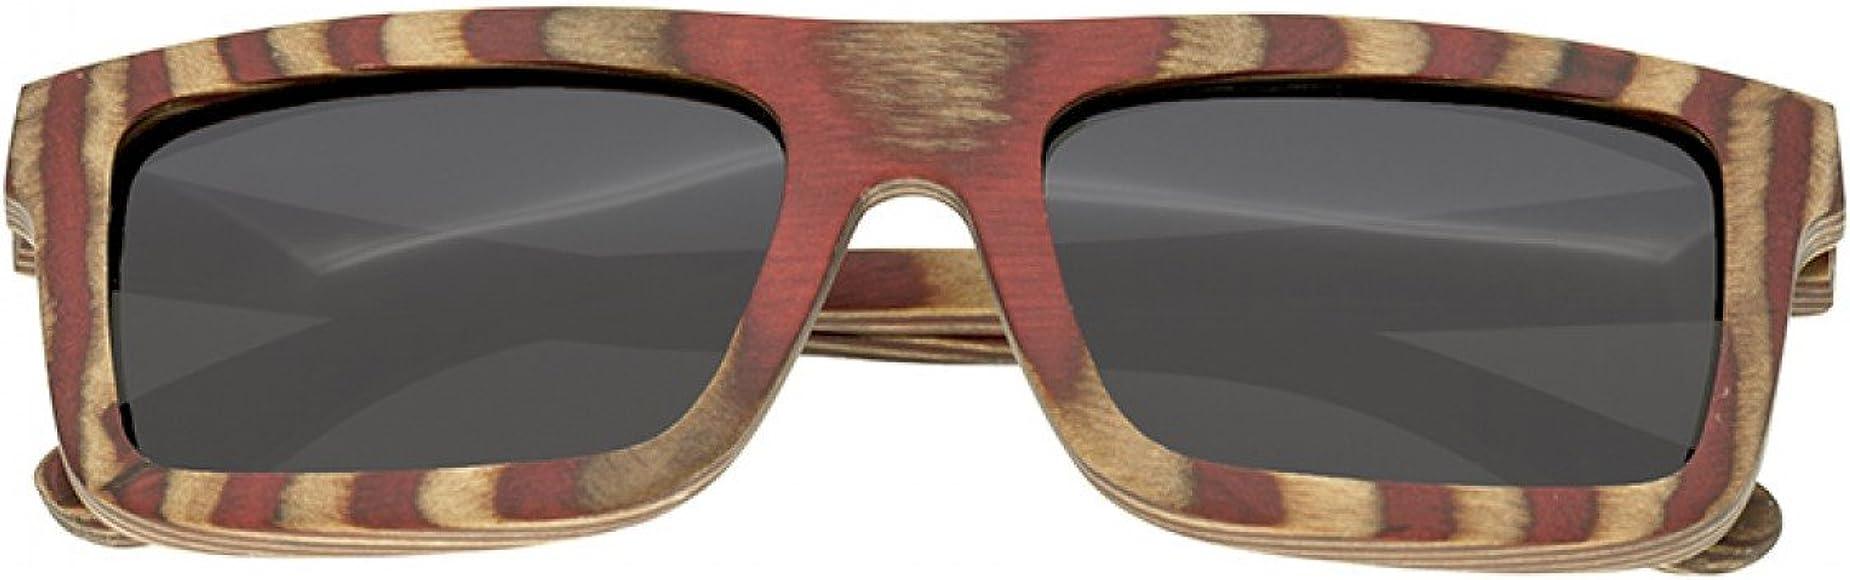 Amazon.com: Spectrum anteojos de sol anteojos de sol de ...